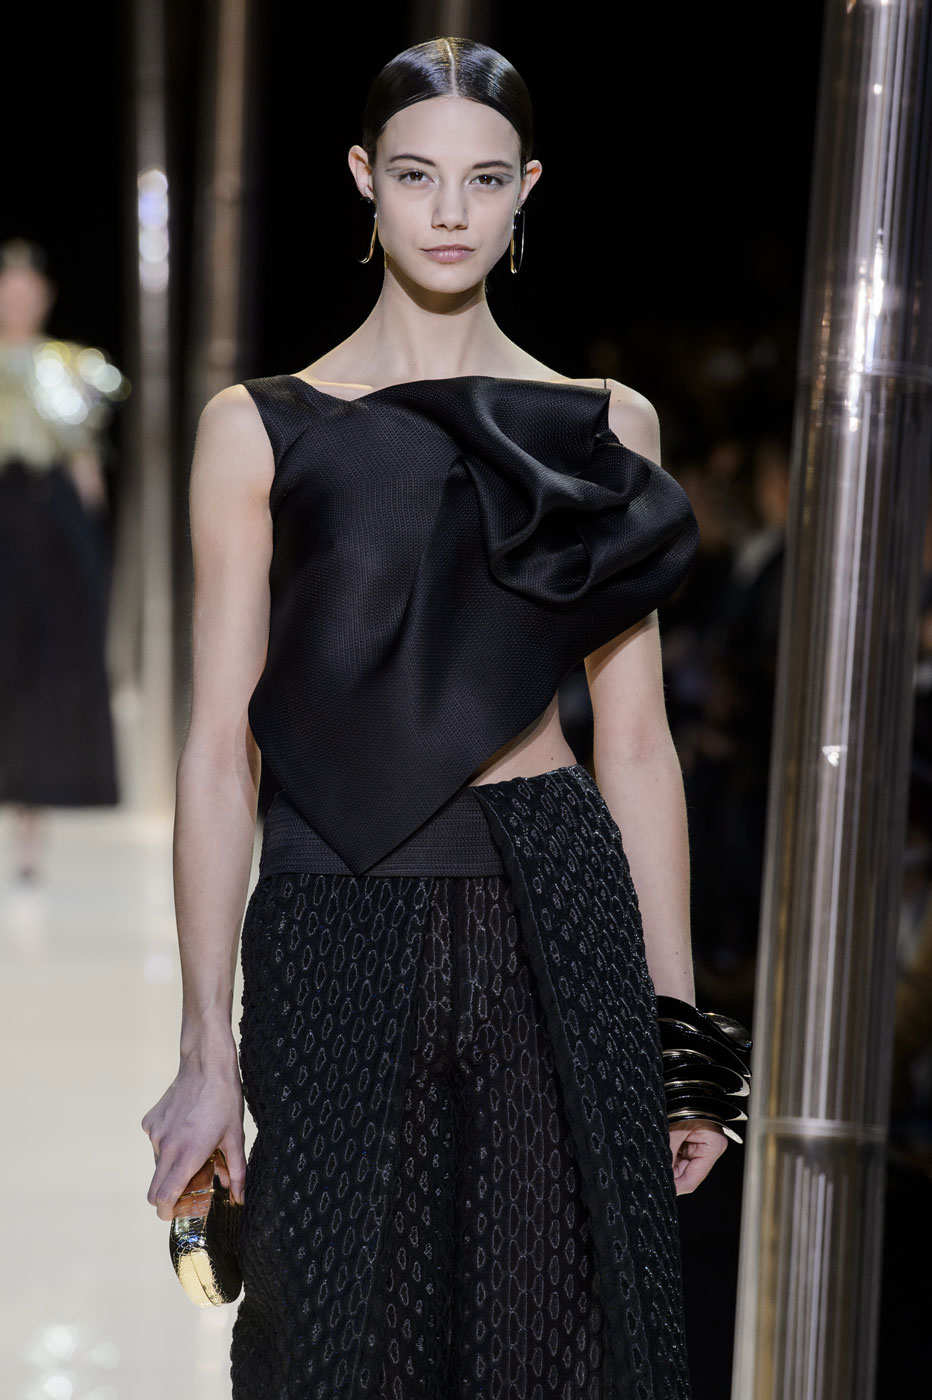 Giorgio-armani-Prive-fashion-runway-show-haute-couture-paris-spring-2015-the-impression-054